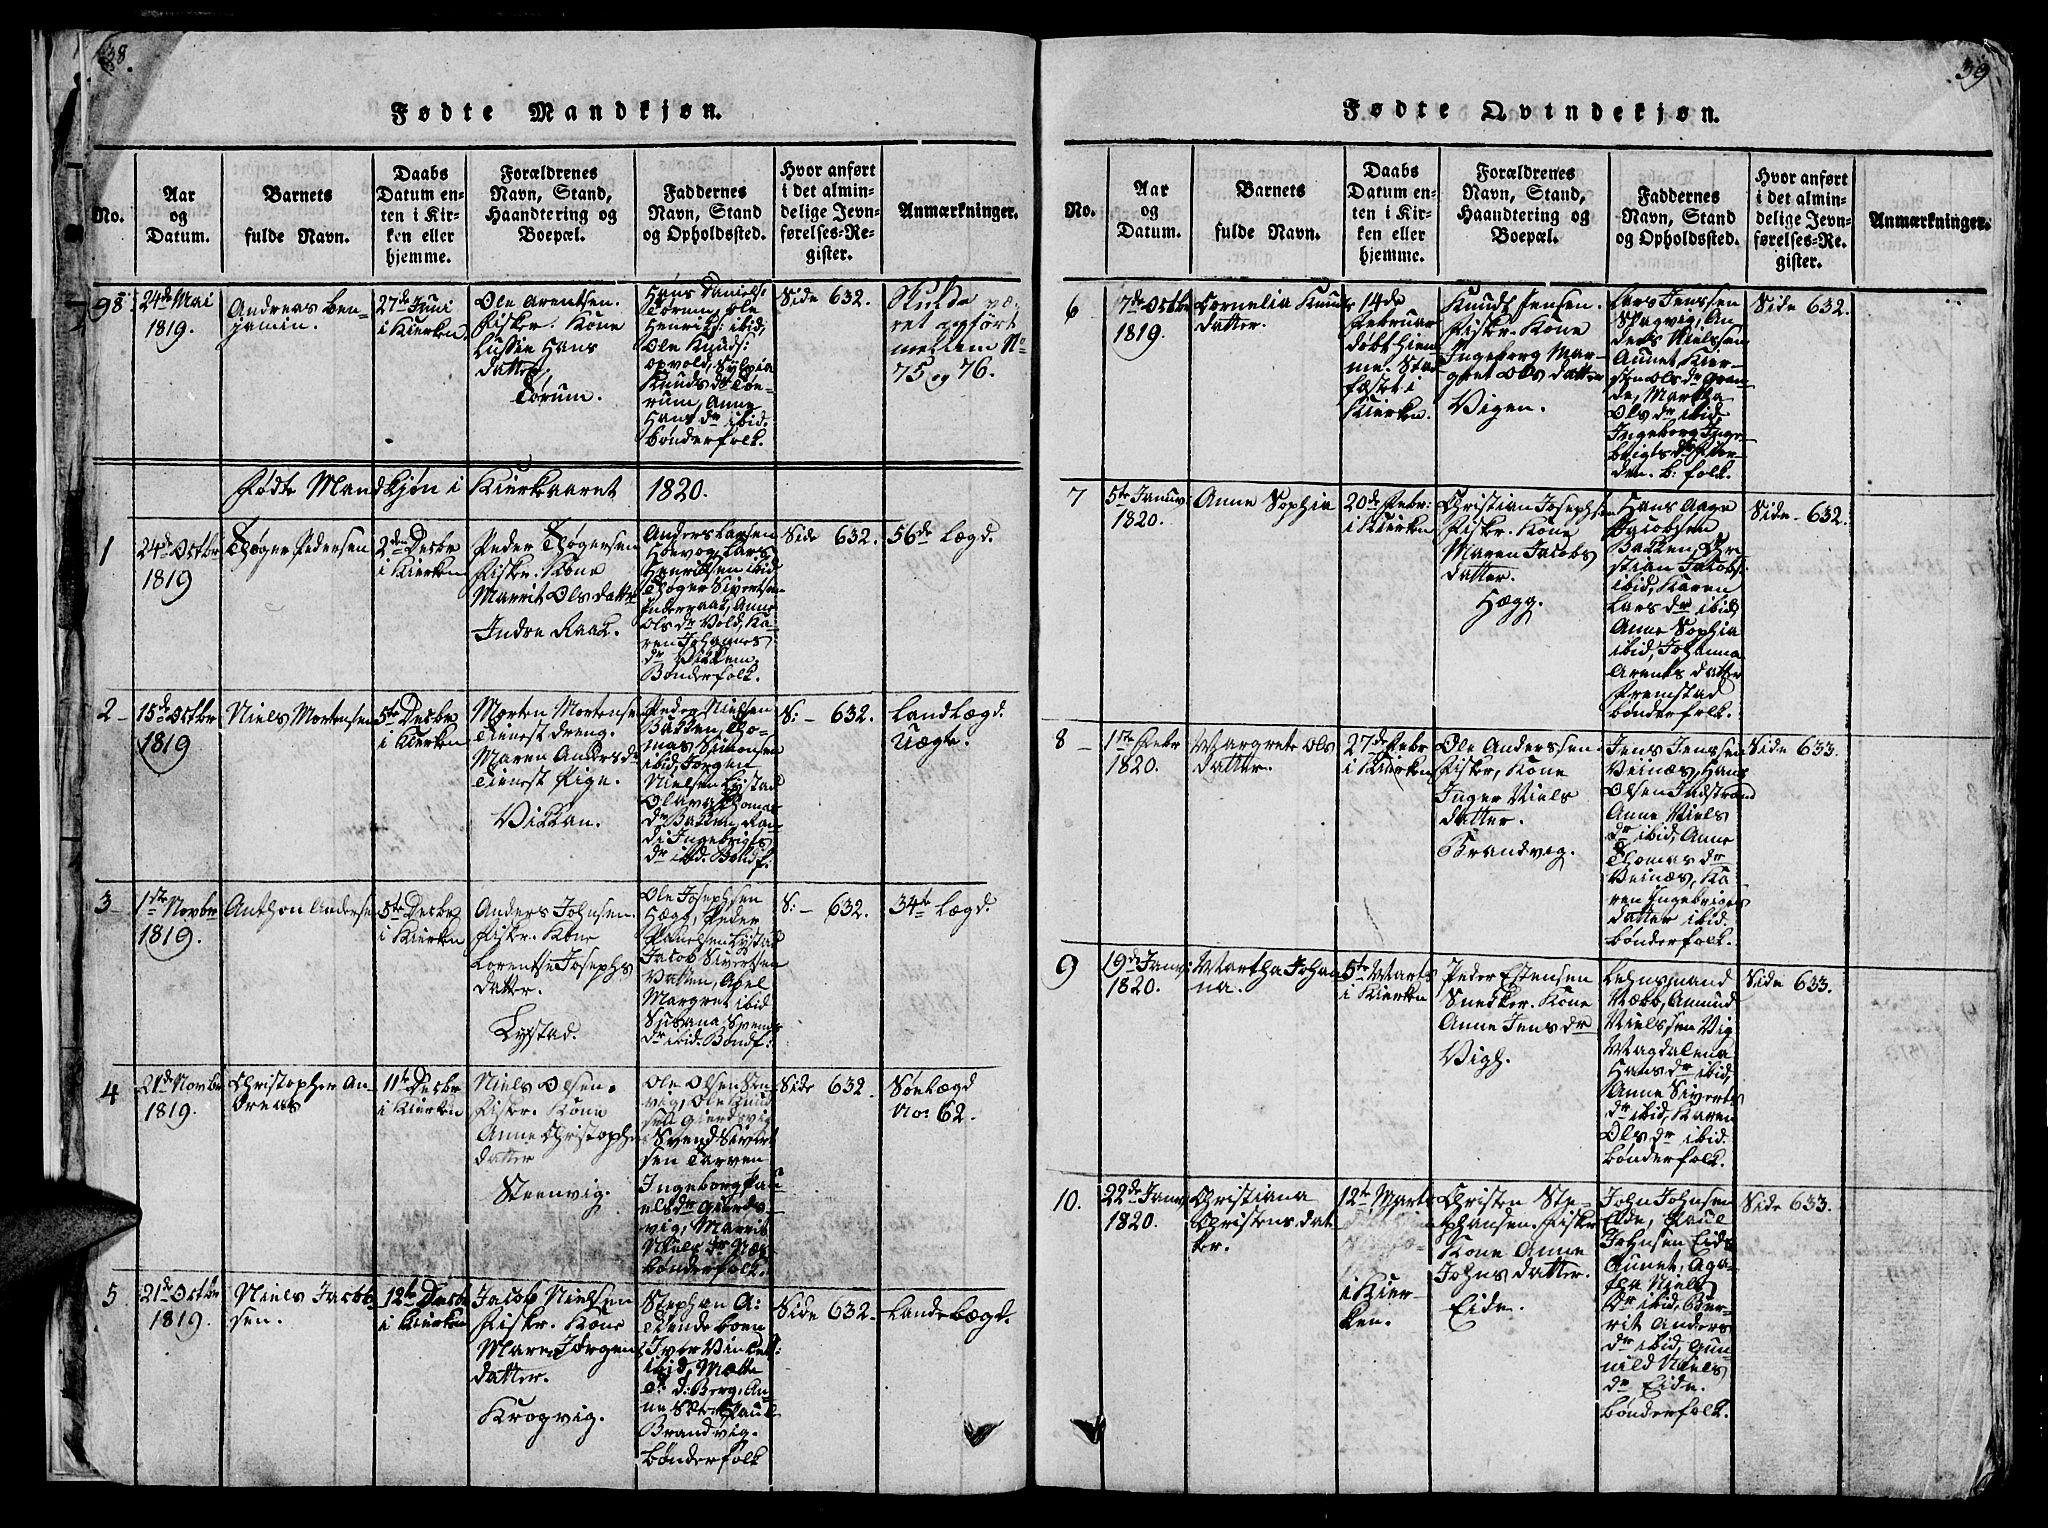 SAT, Ministerialprotokoller, klokkerbøker og fødselsregistre - Sør-Trøndelag, 659/L0744: Klokkerbok nr. 659C01, 1818-1825, s. 38-39